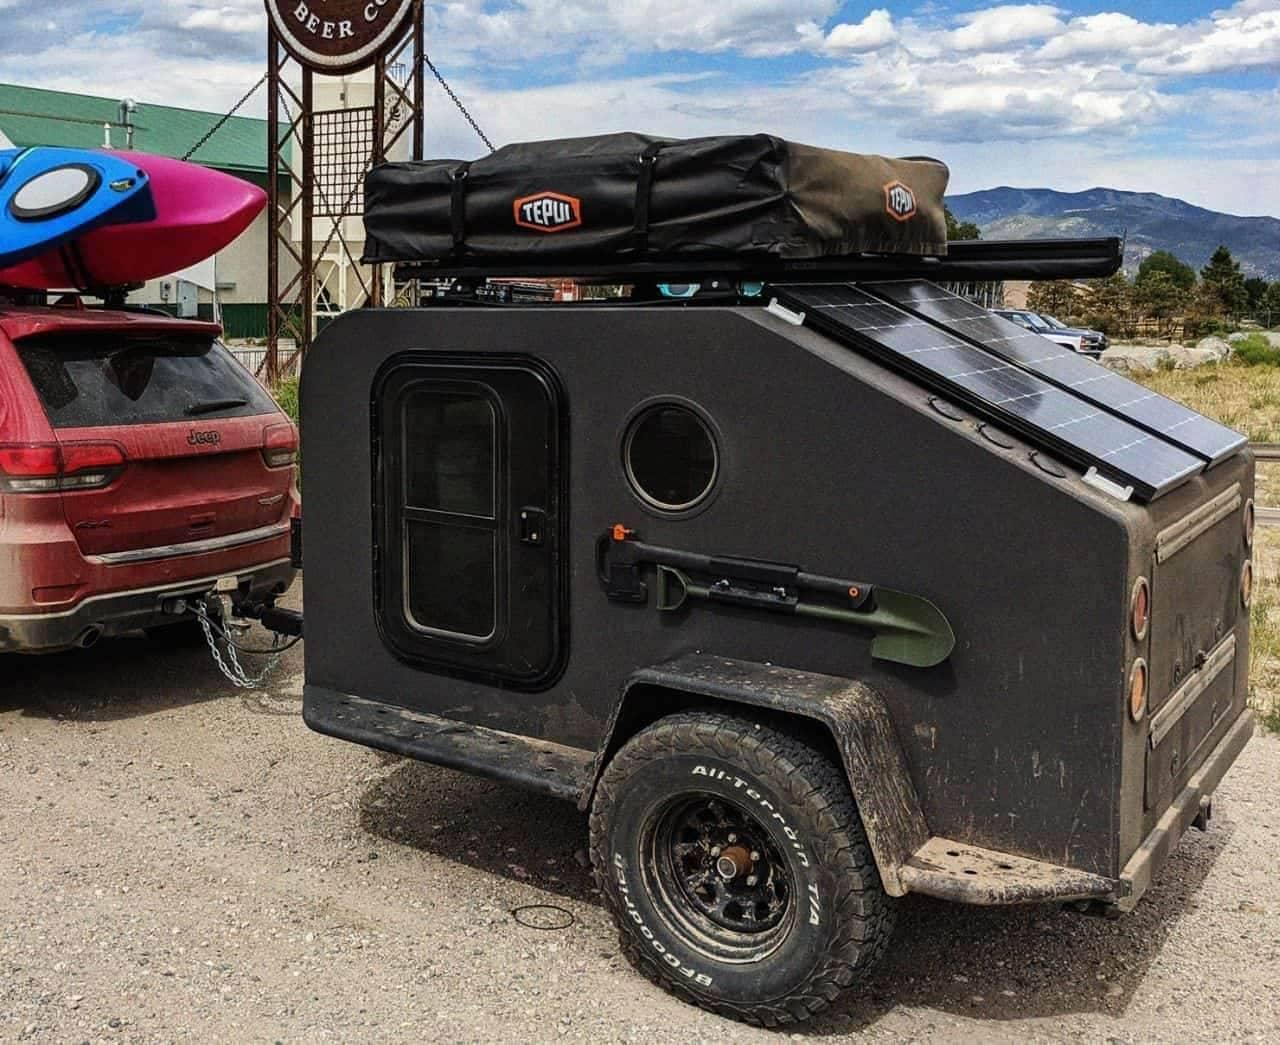 キャンピングトレーラーをオール電化 Campworksによる「NS-1」